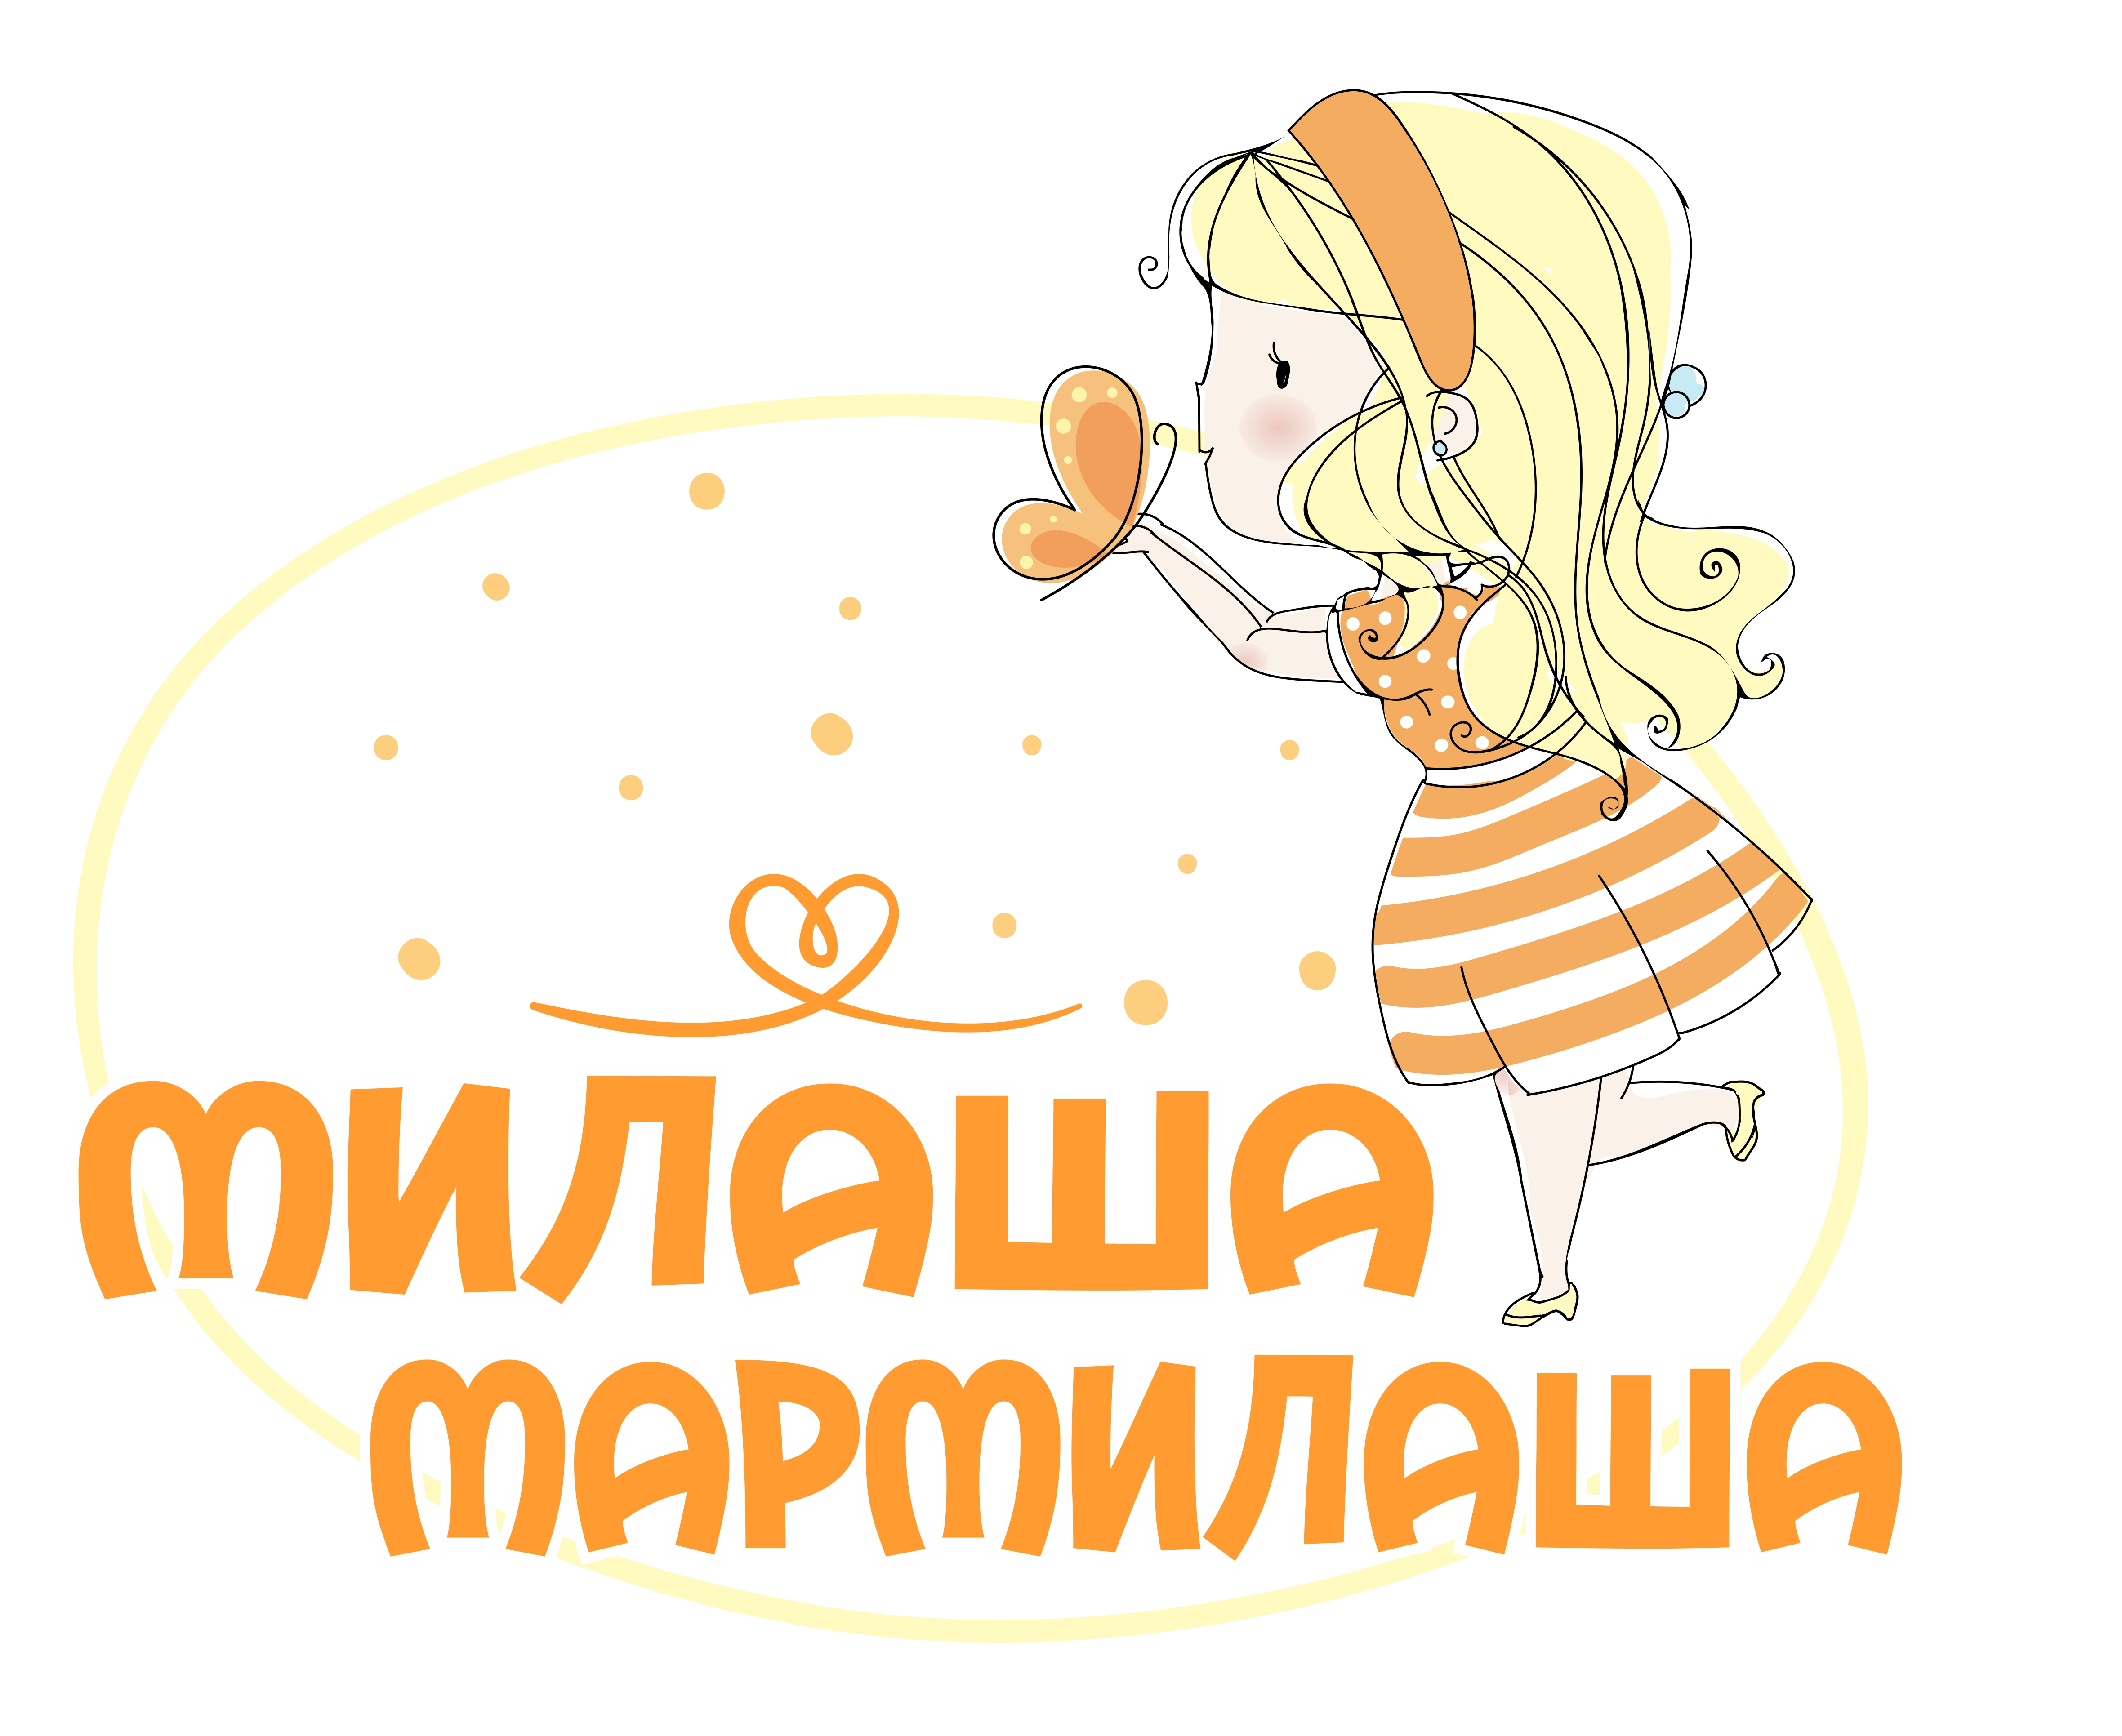 """Логотип для товарного знака """"Милаша-Мармилаша"""" фото f_3035877d339ac50f.jpg"""